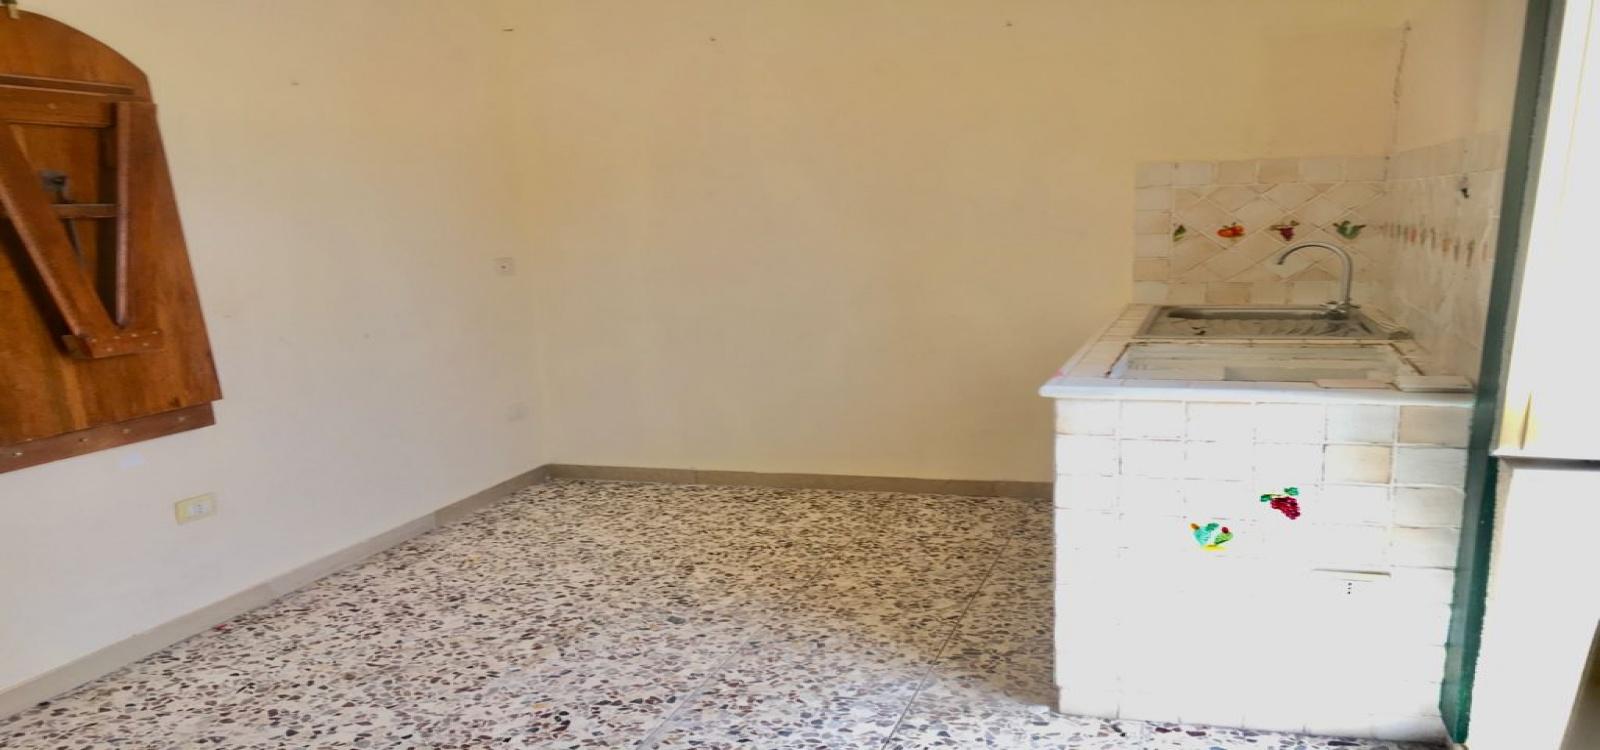 ORTIGIA,SIRACUSA,Appartamento,ORTIGIA,2429